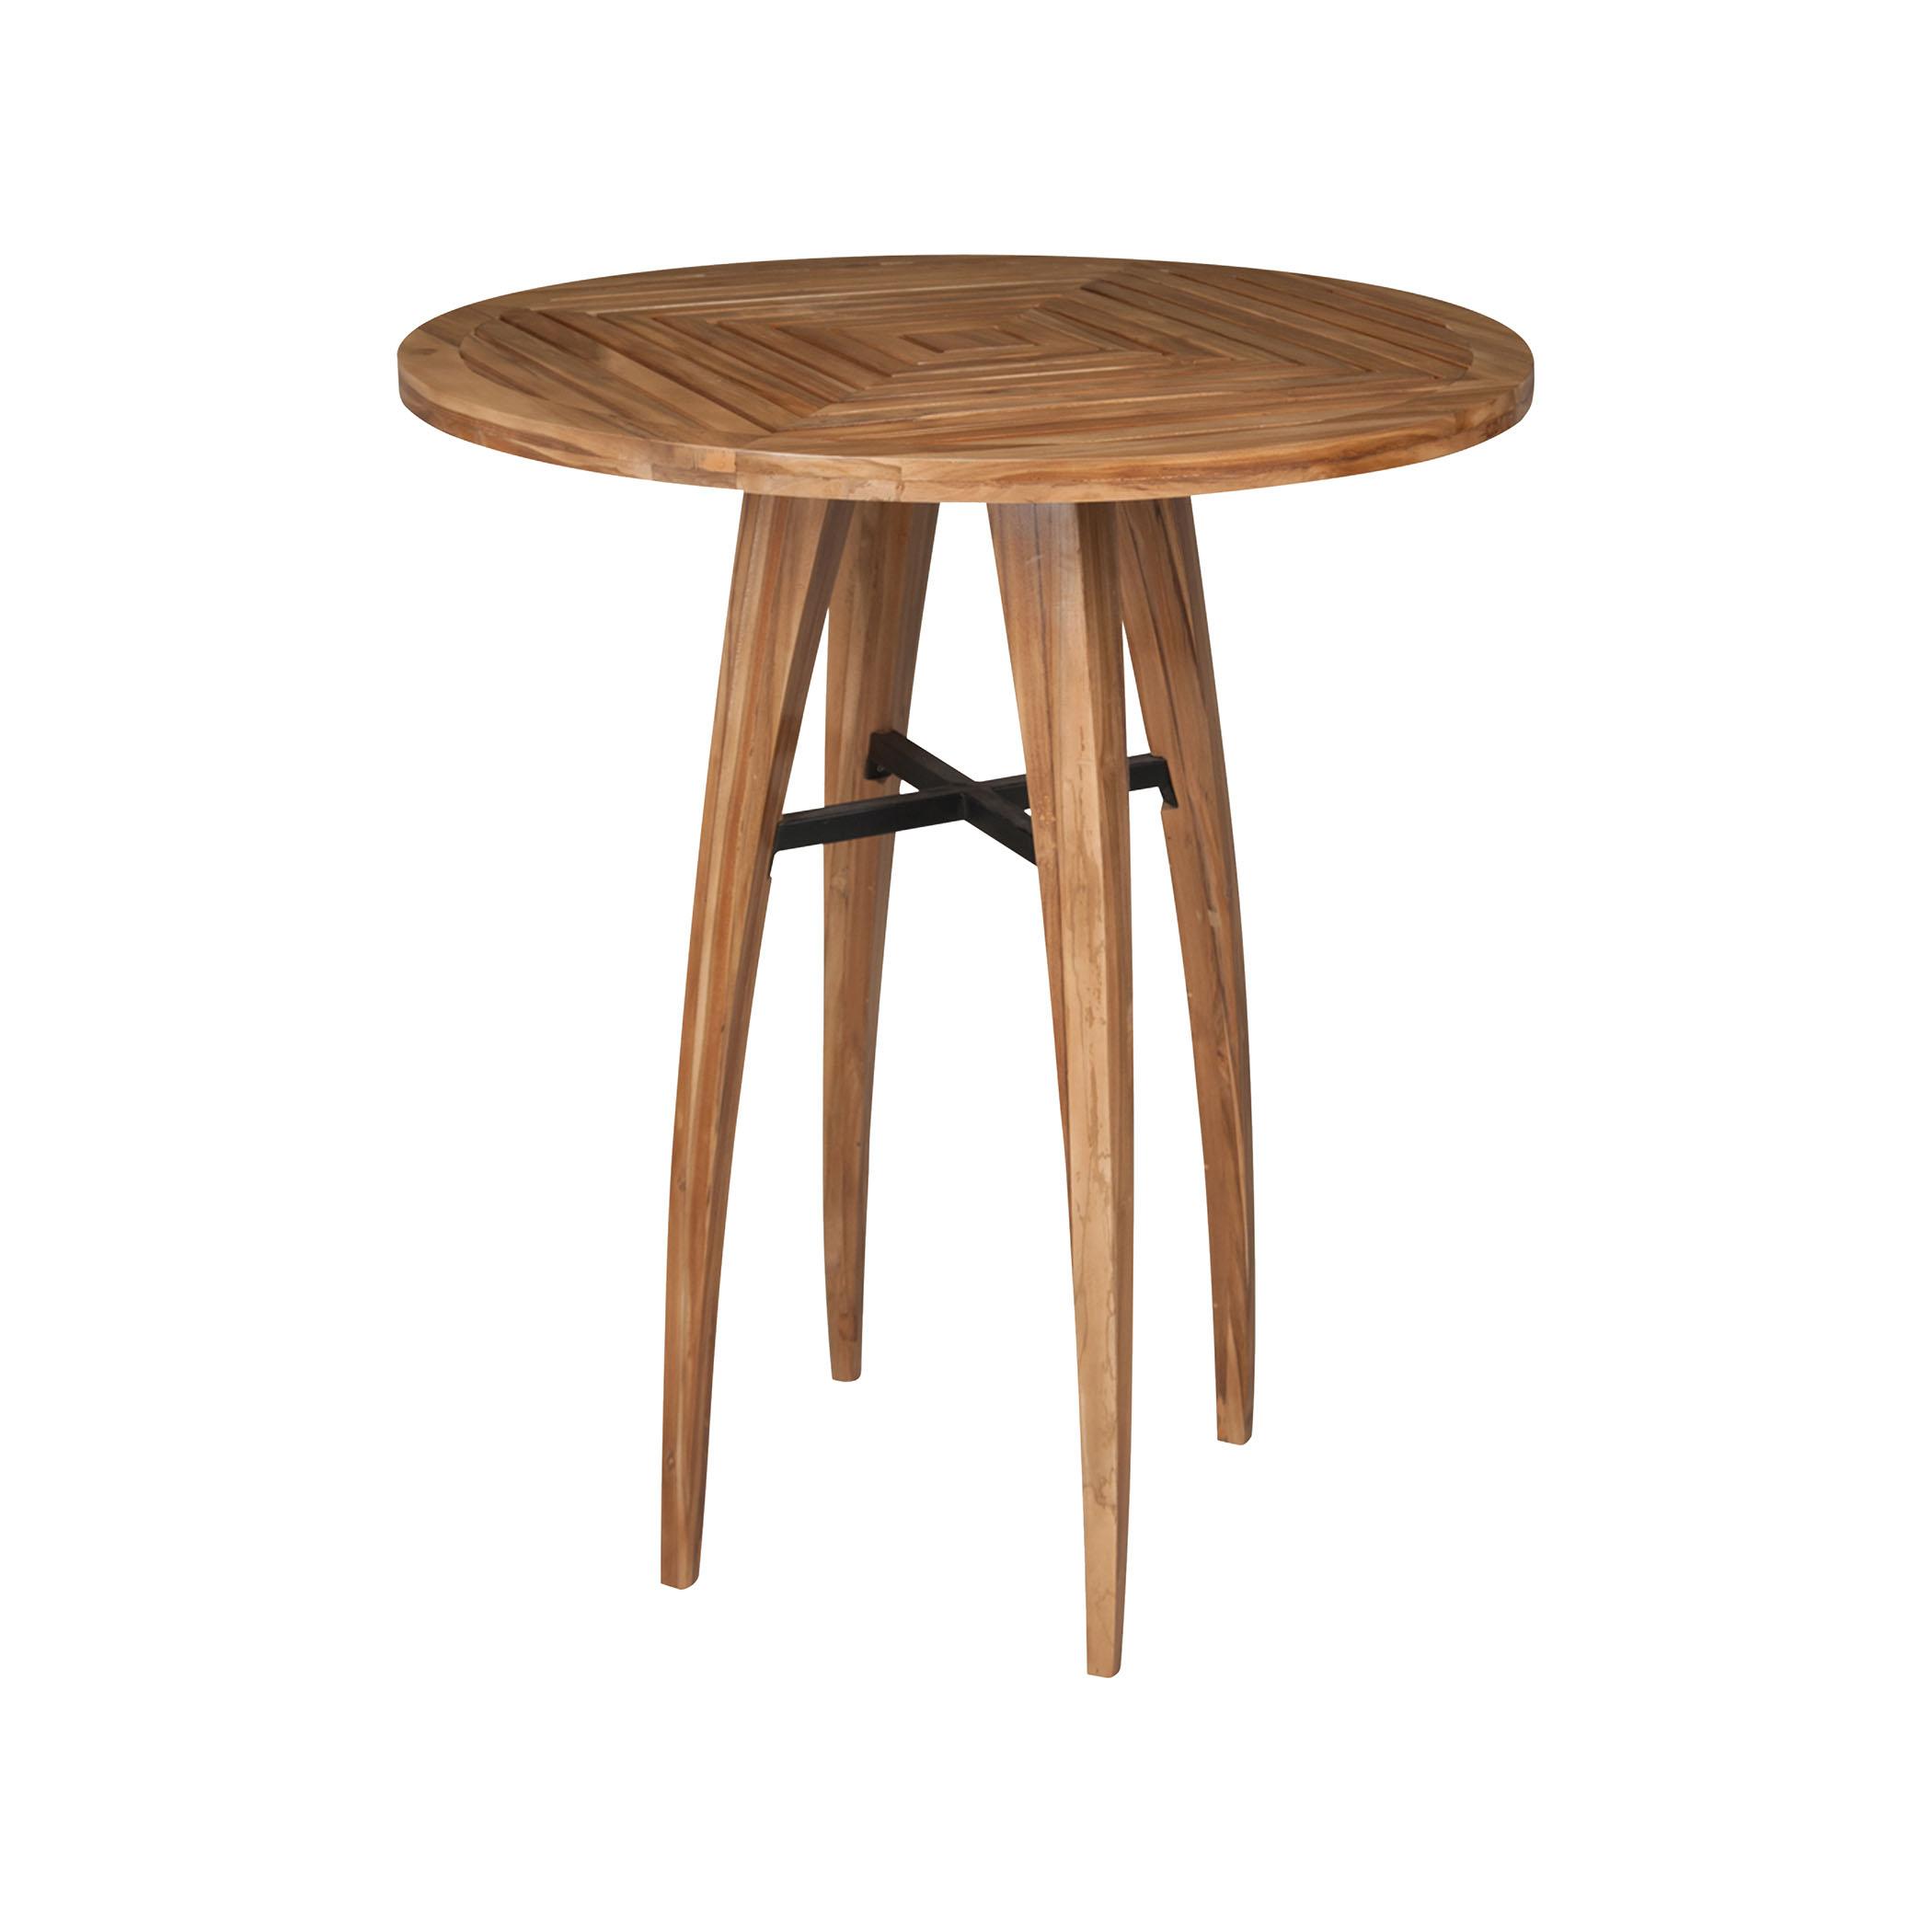 Teak Wood Bistro Table in Euro Teak Oil 7117004ET | ELK Home